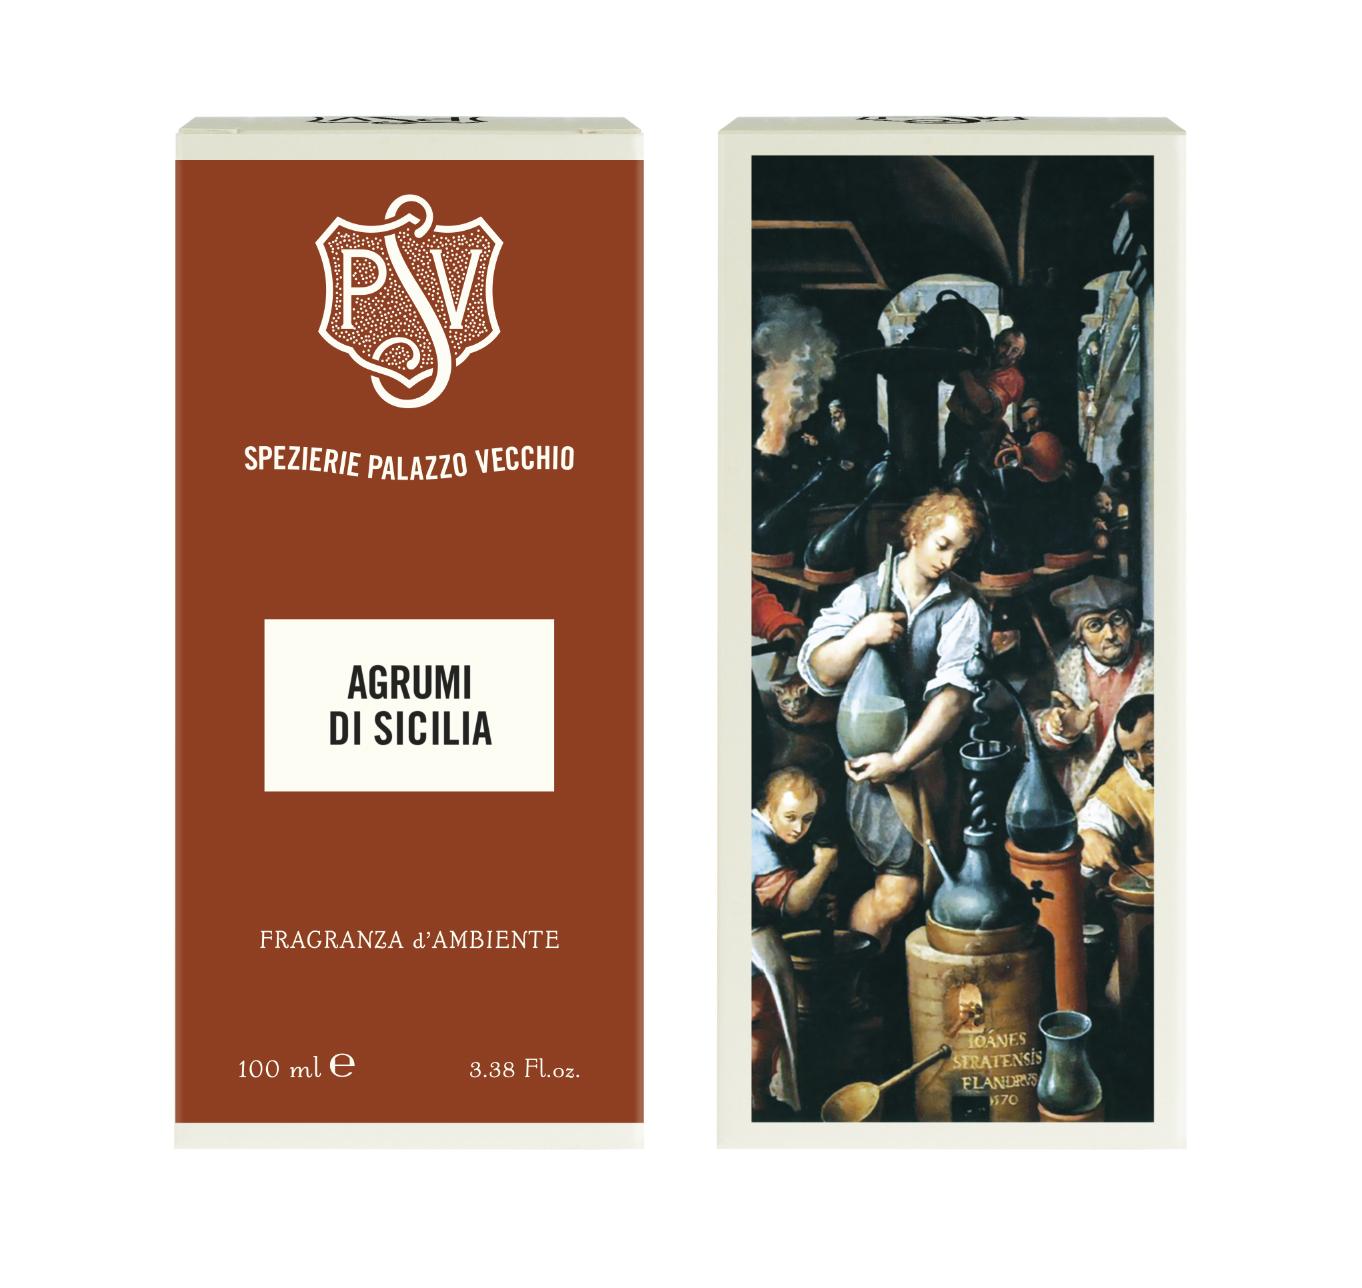 AGRUMI DI SICILIA - Home Fragrance-4522